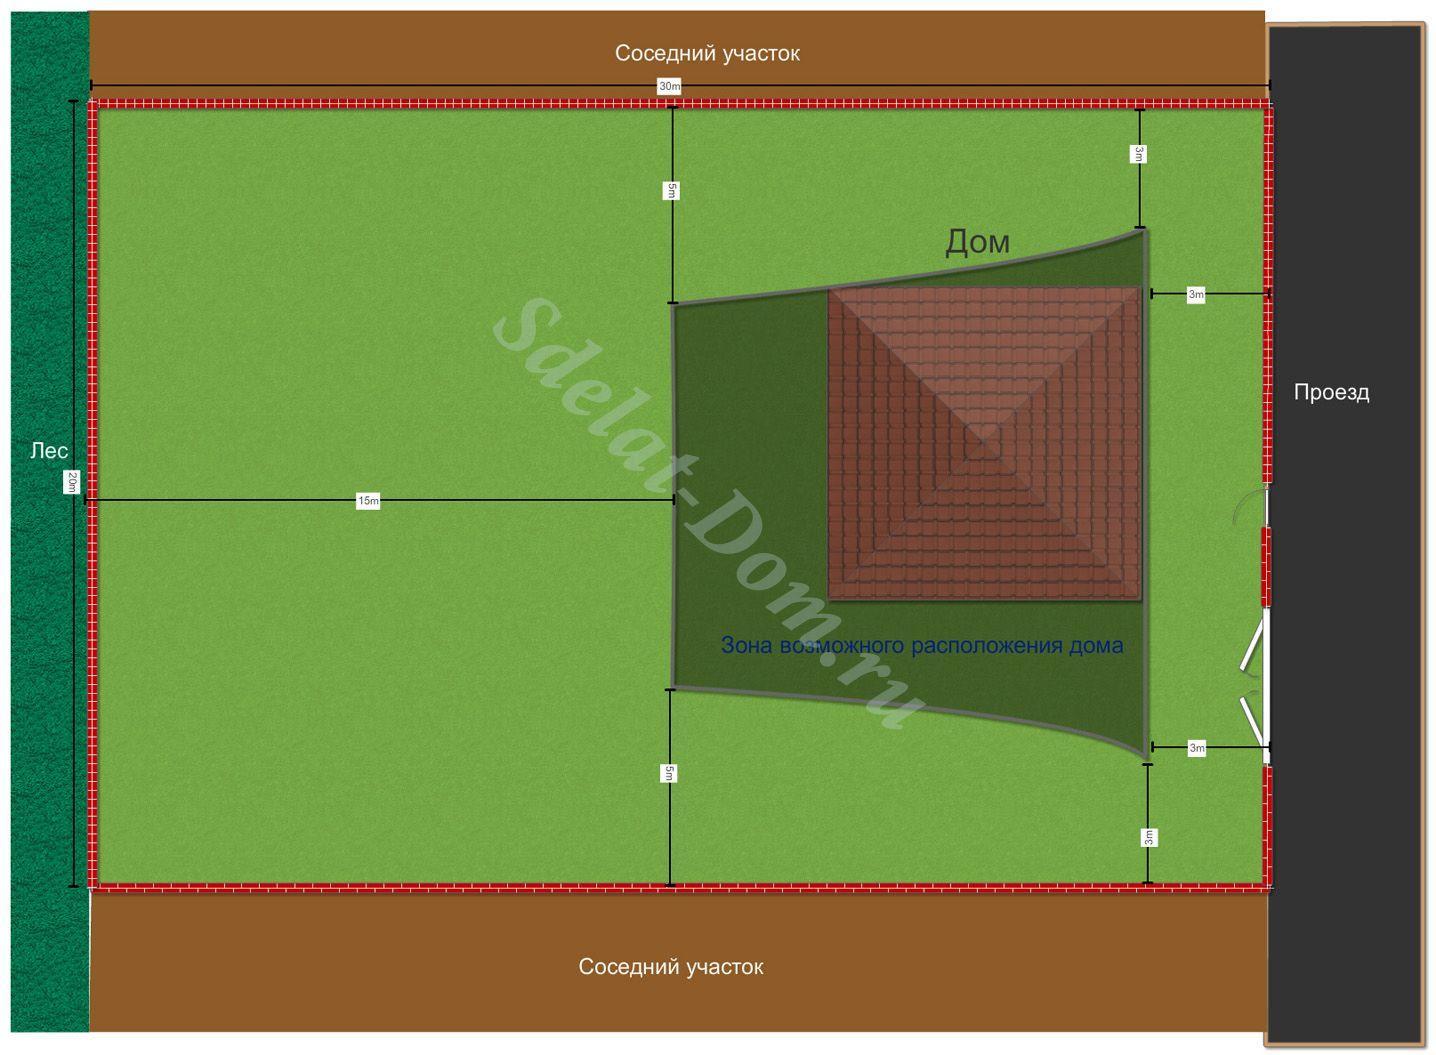 Правила и тонкости строительства на участках ИЖС и ЛПХ